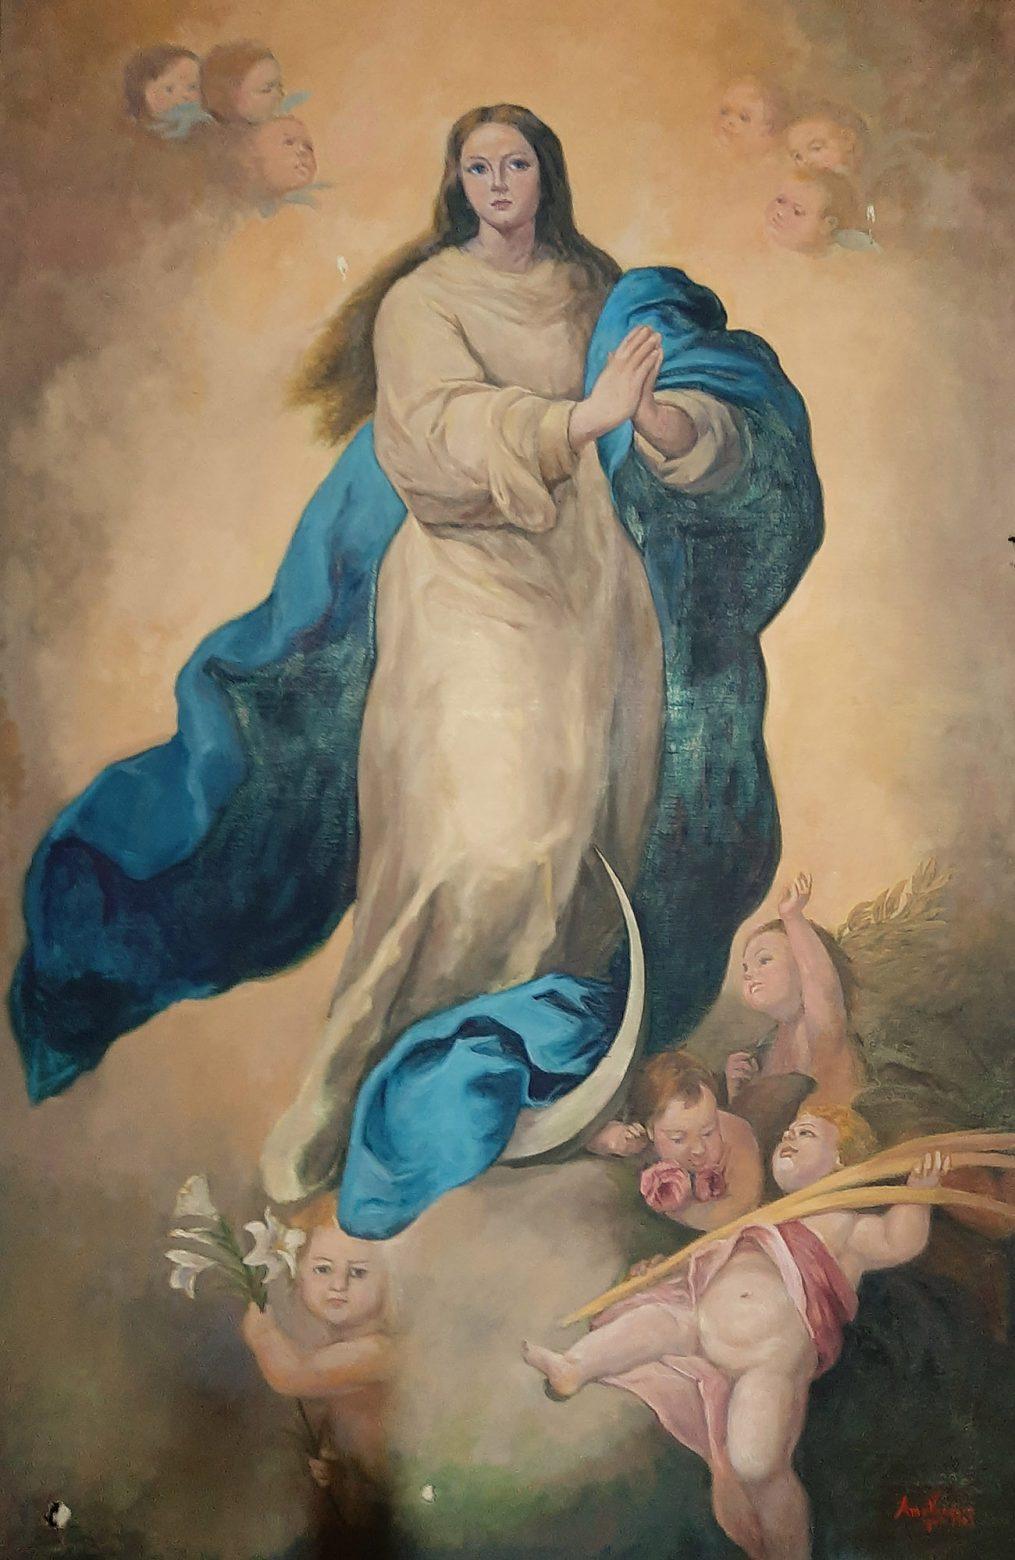 Juan Amo. (1949). Óleo - Lienzo. Ermita de la Virgen de la Encarnación. El Robledo (Albacete).